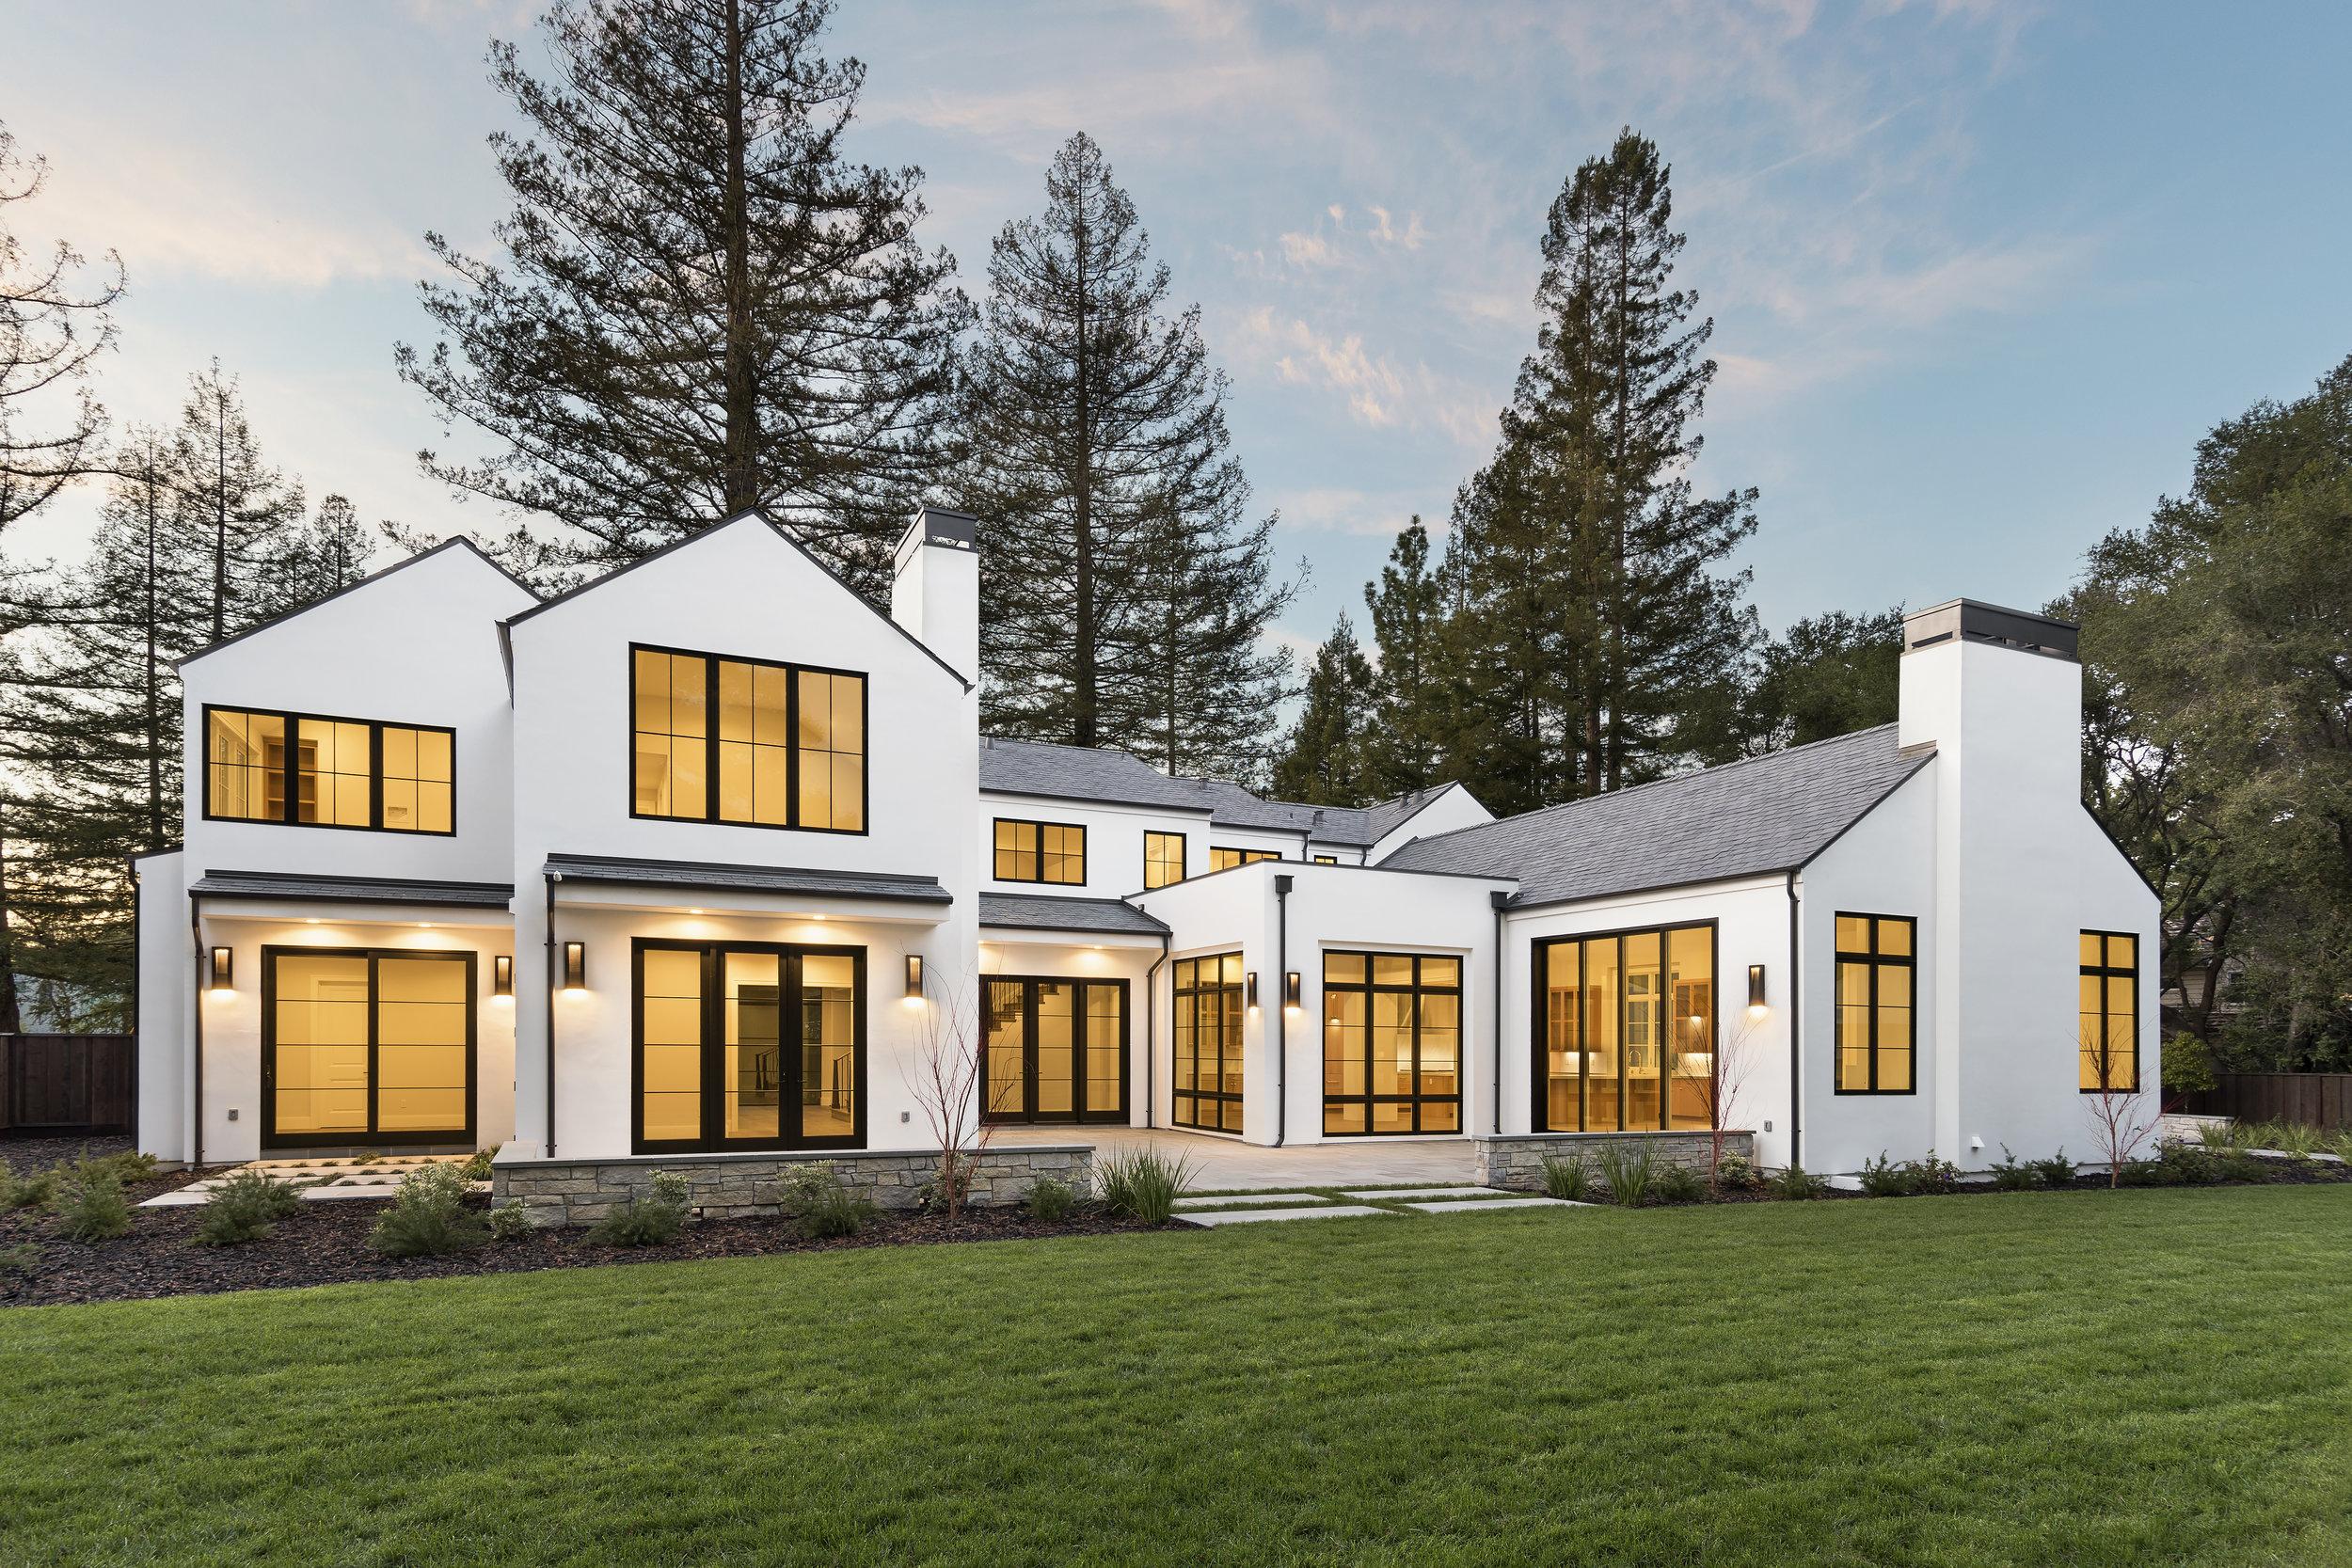 $14,600,000 | 275 Atherton Ave., Atherton*